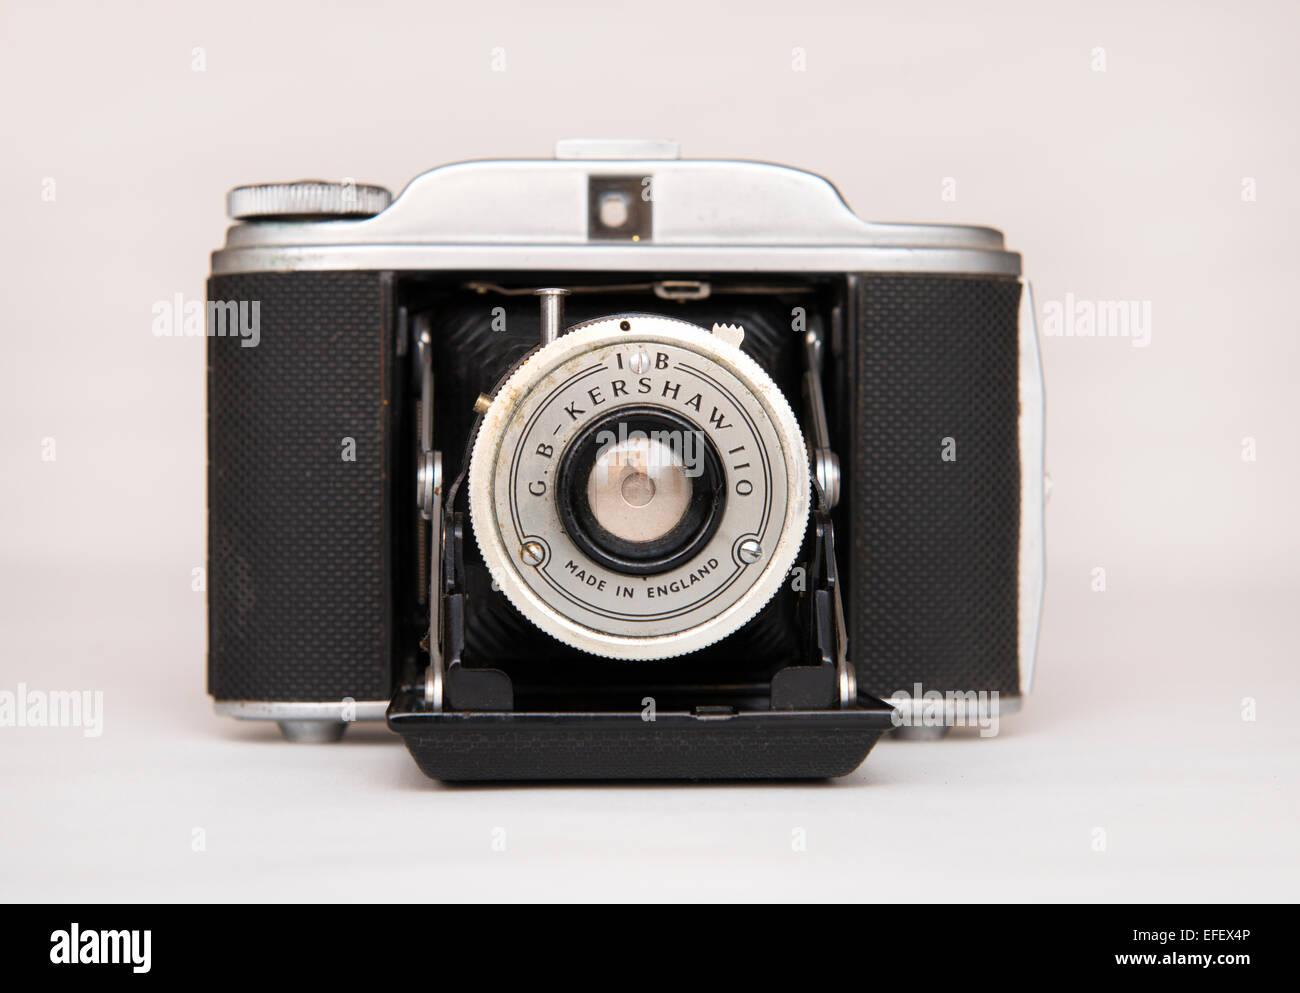 Kershaw 110 Falt-Kamera, zuerst im Jahre 1954 von G B Kershaw of Leeds in England. Stockbild